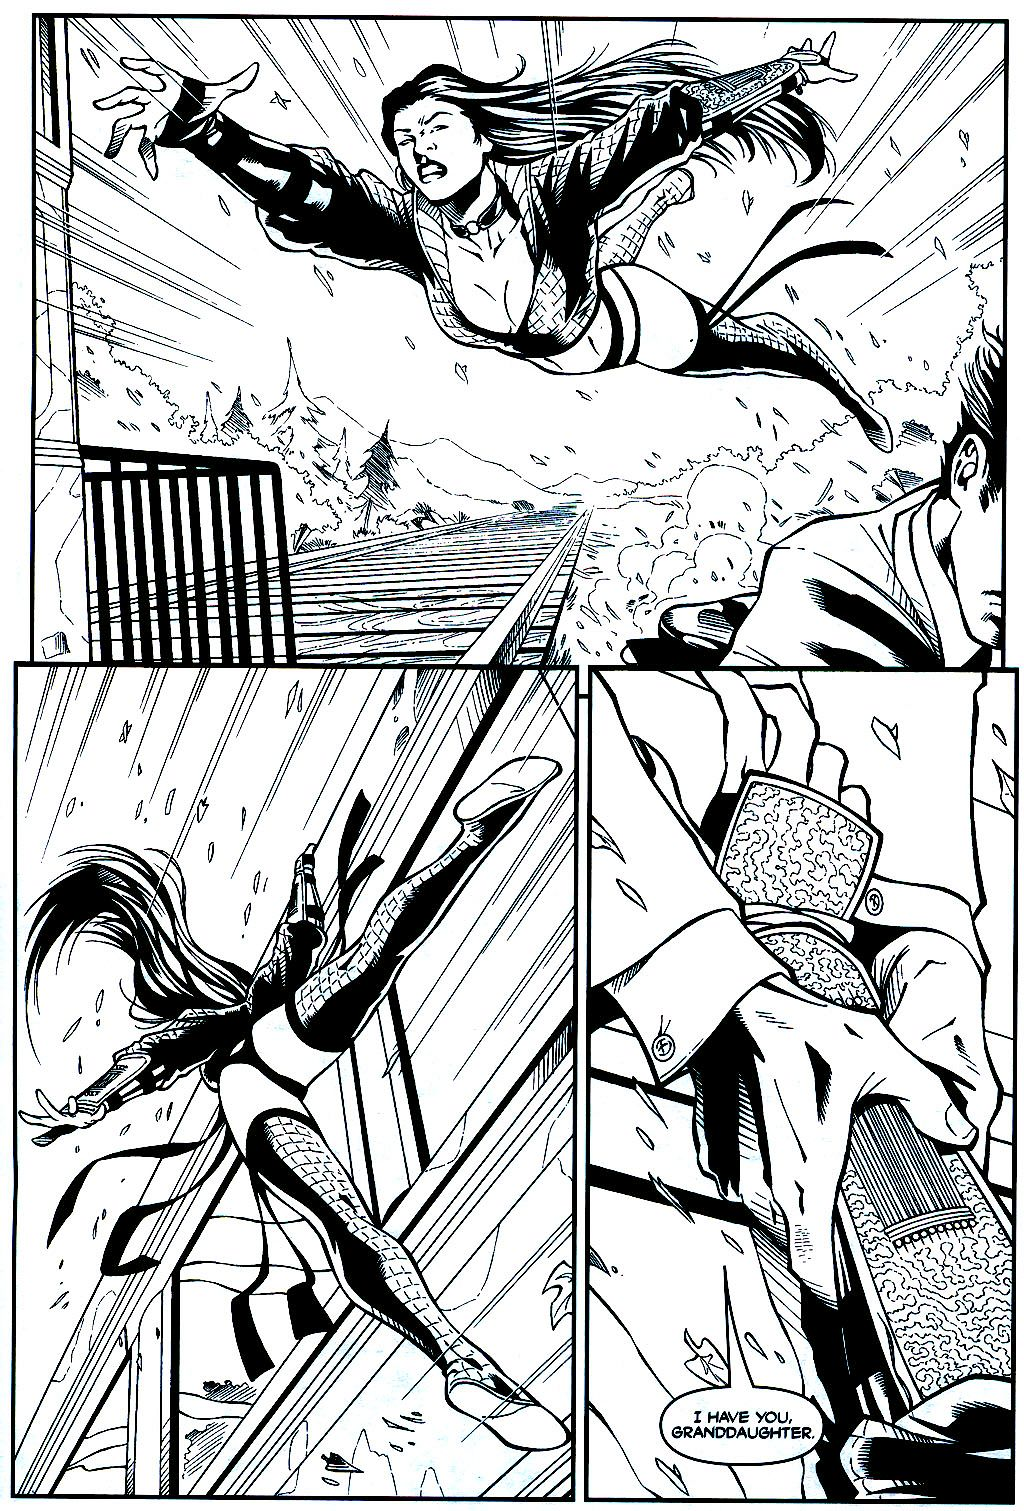 Read online Shi: Sempo comic -  Issue #1 - 16